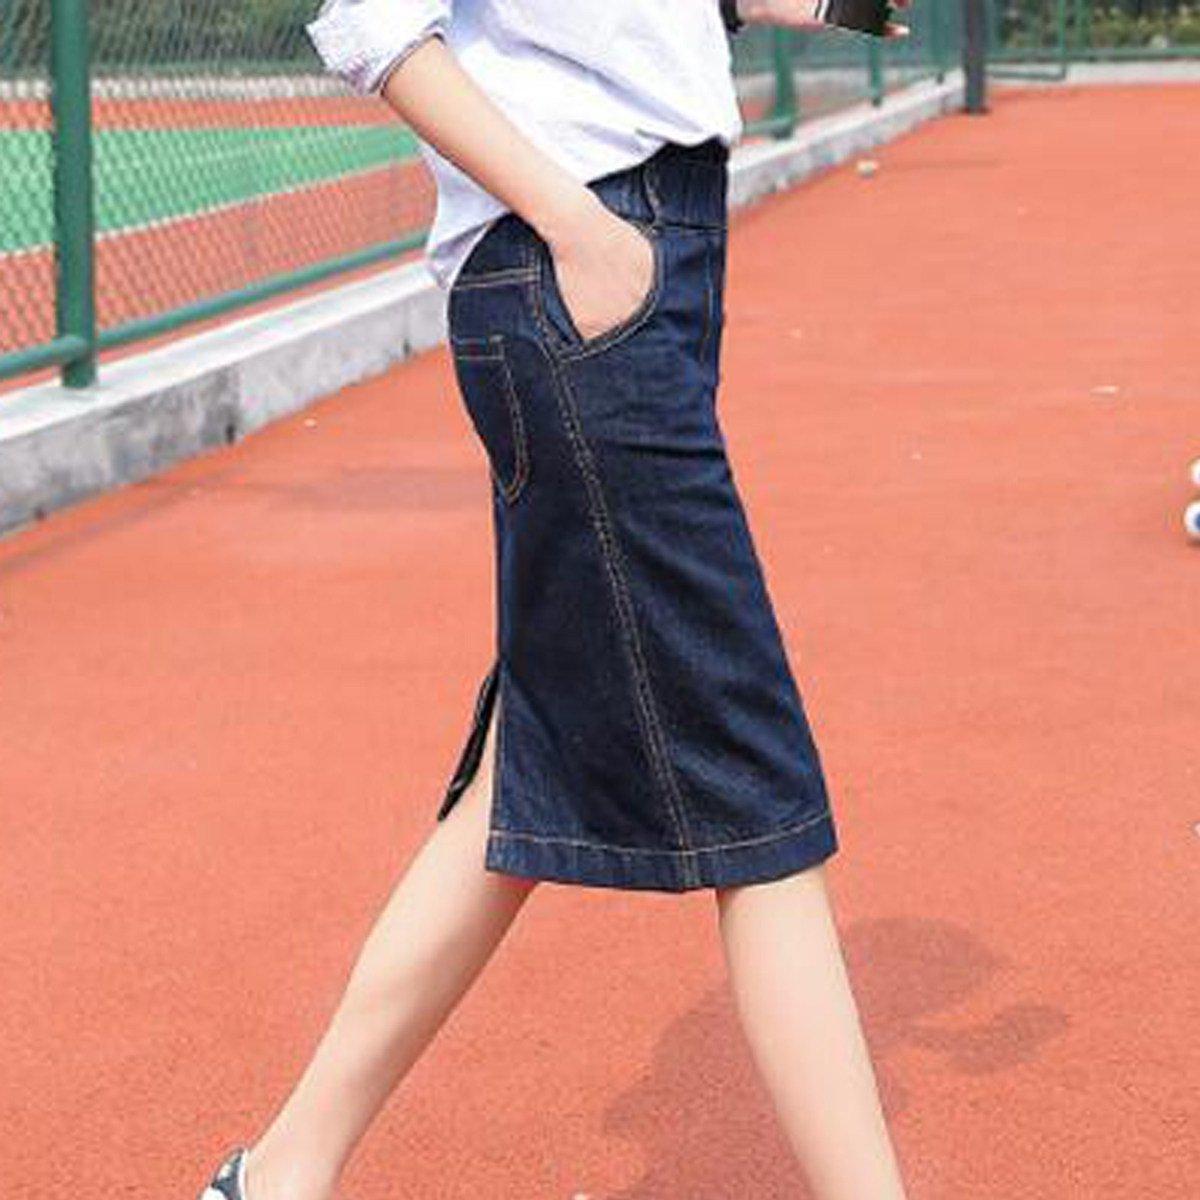 93485169db Moda Primavera Denim Lápiz Falda Para Mujeres Cintura Elástica Falda  Delgada Verano Más Tamaño Faldas Cortas